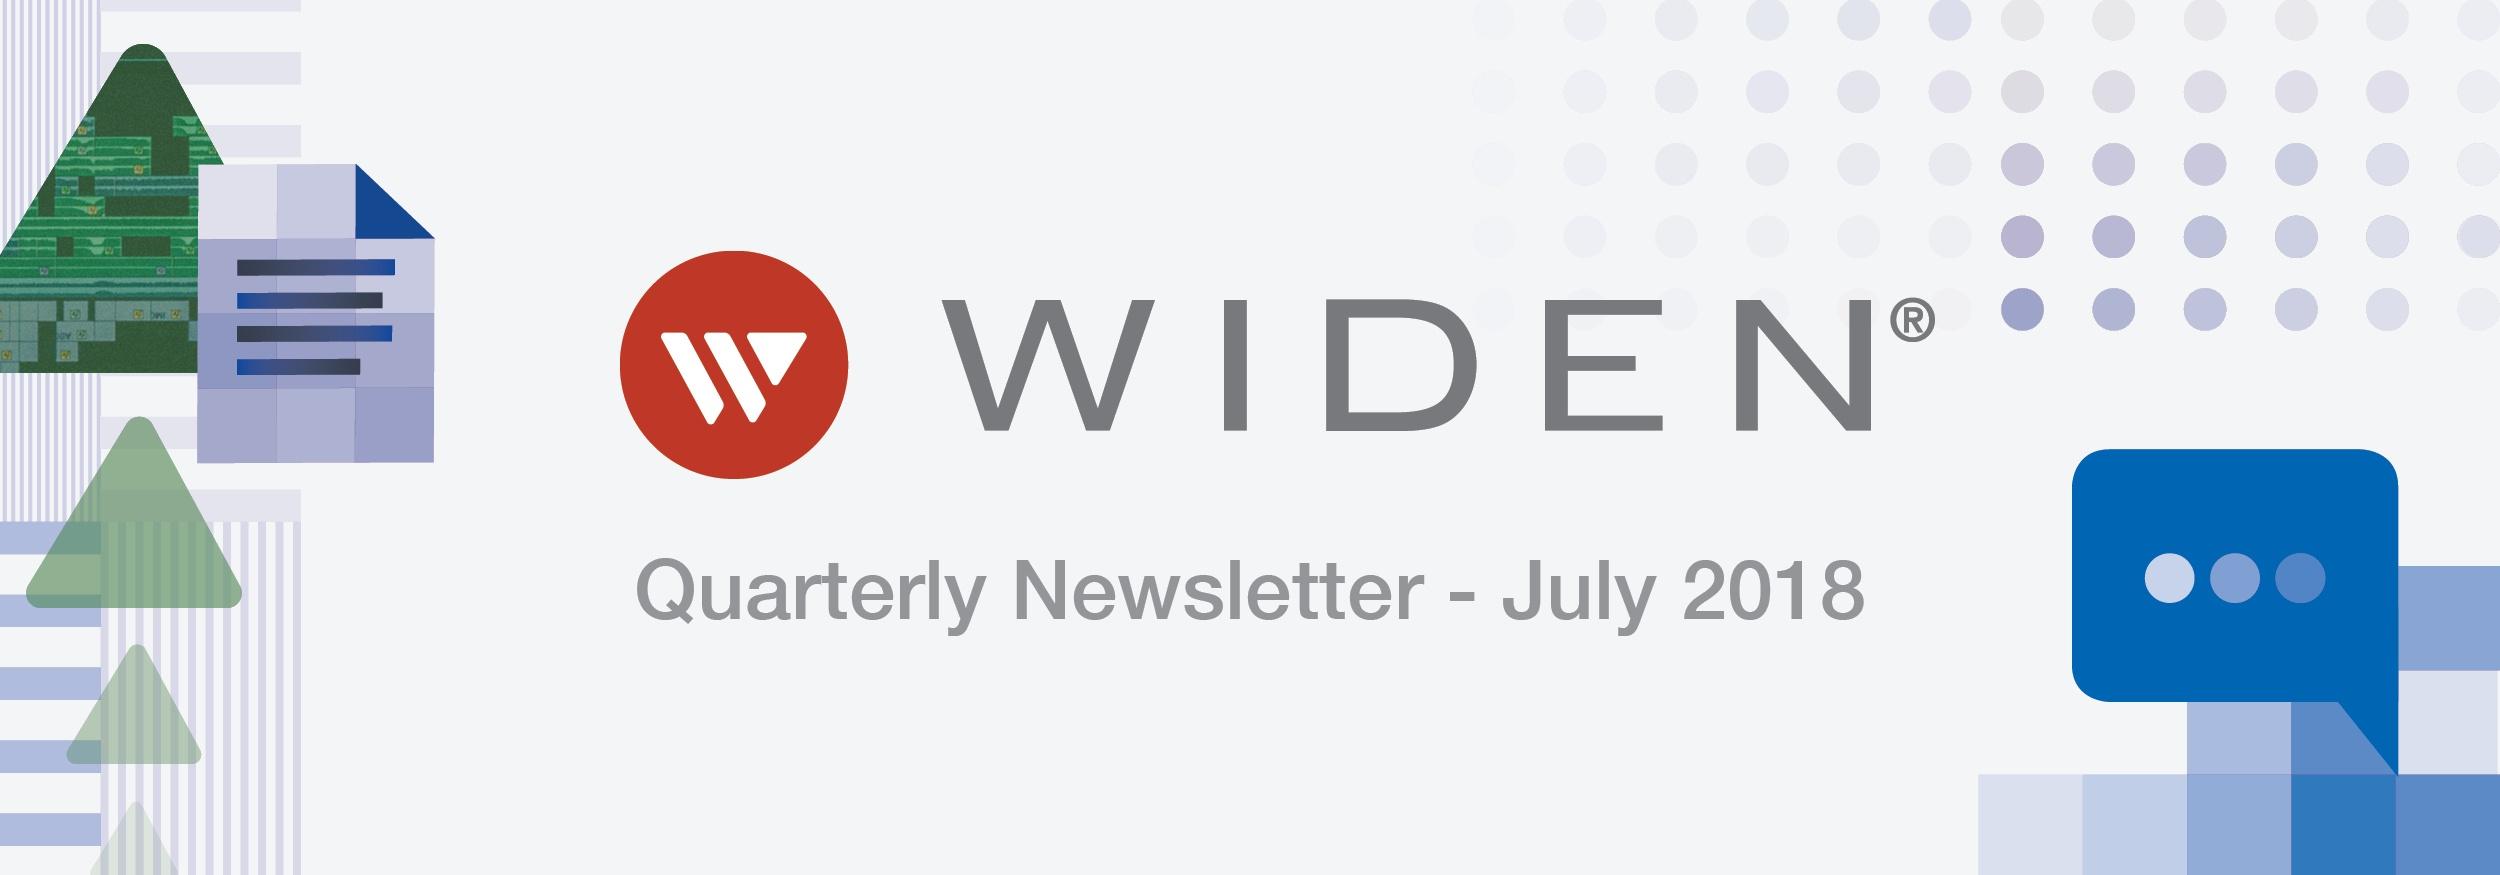 quarterly newsletter email banner